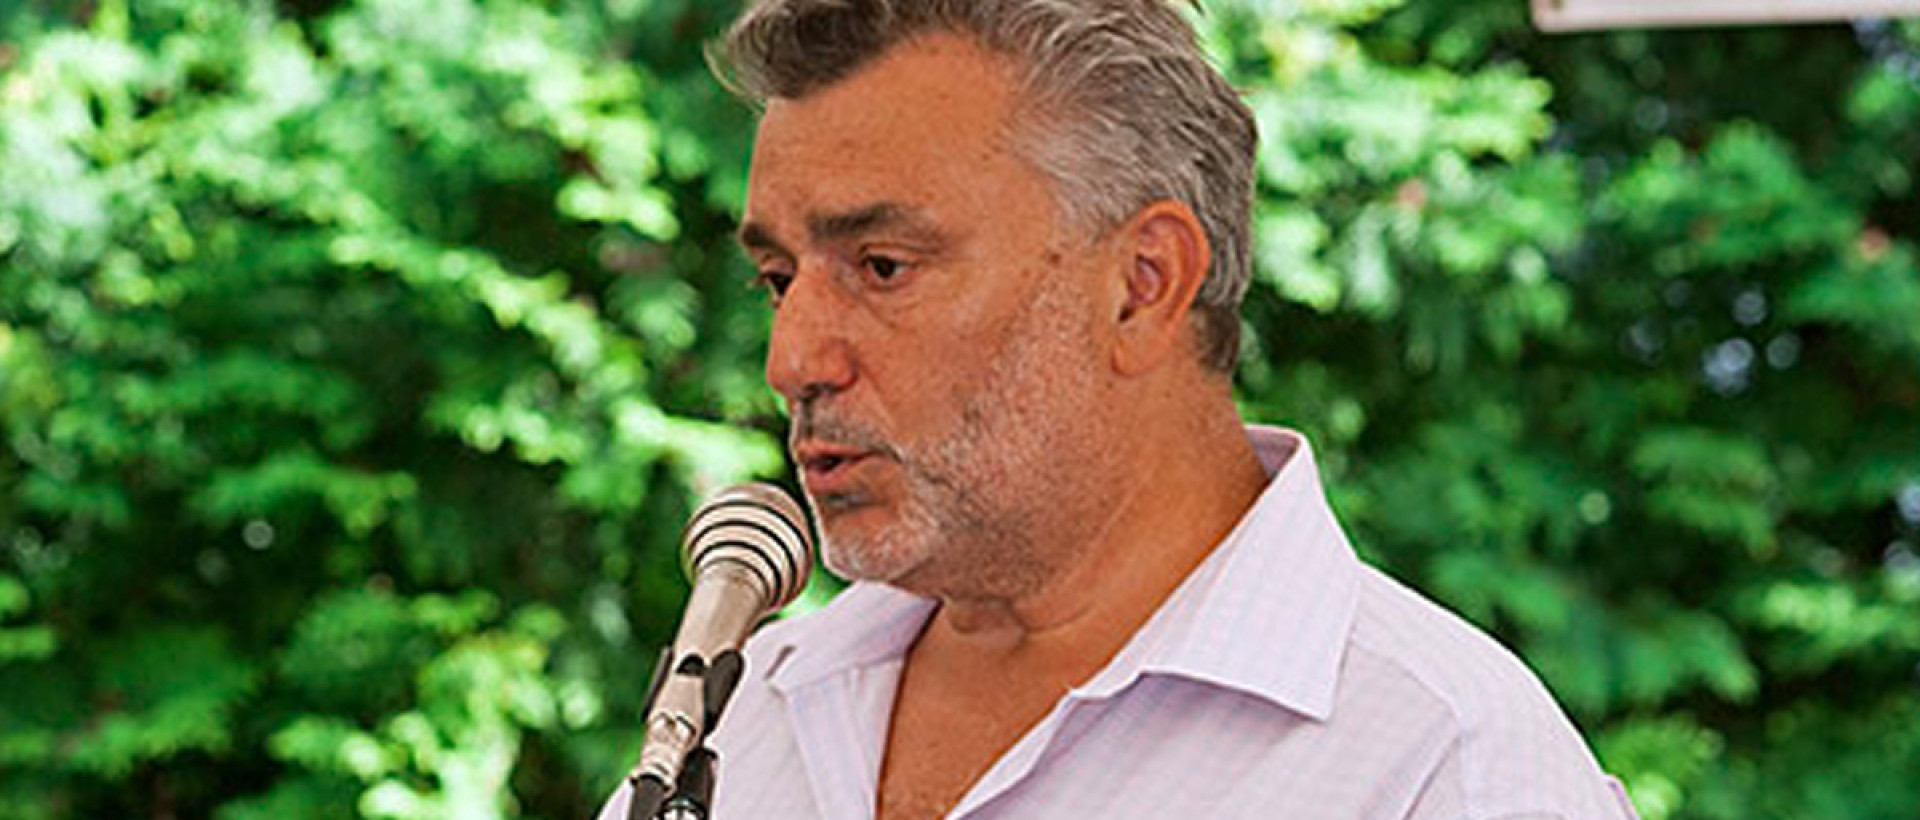 Zsigó Jenő - fotó: ezalenyeg